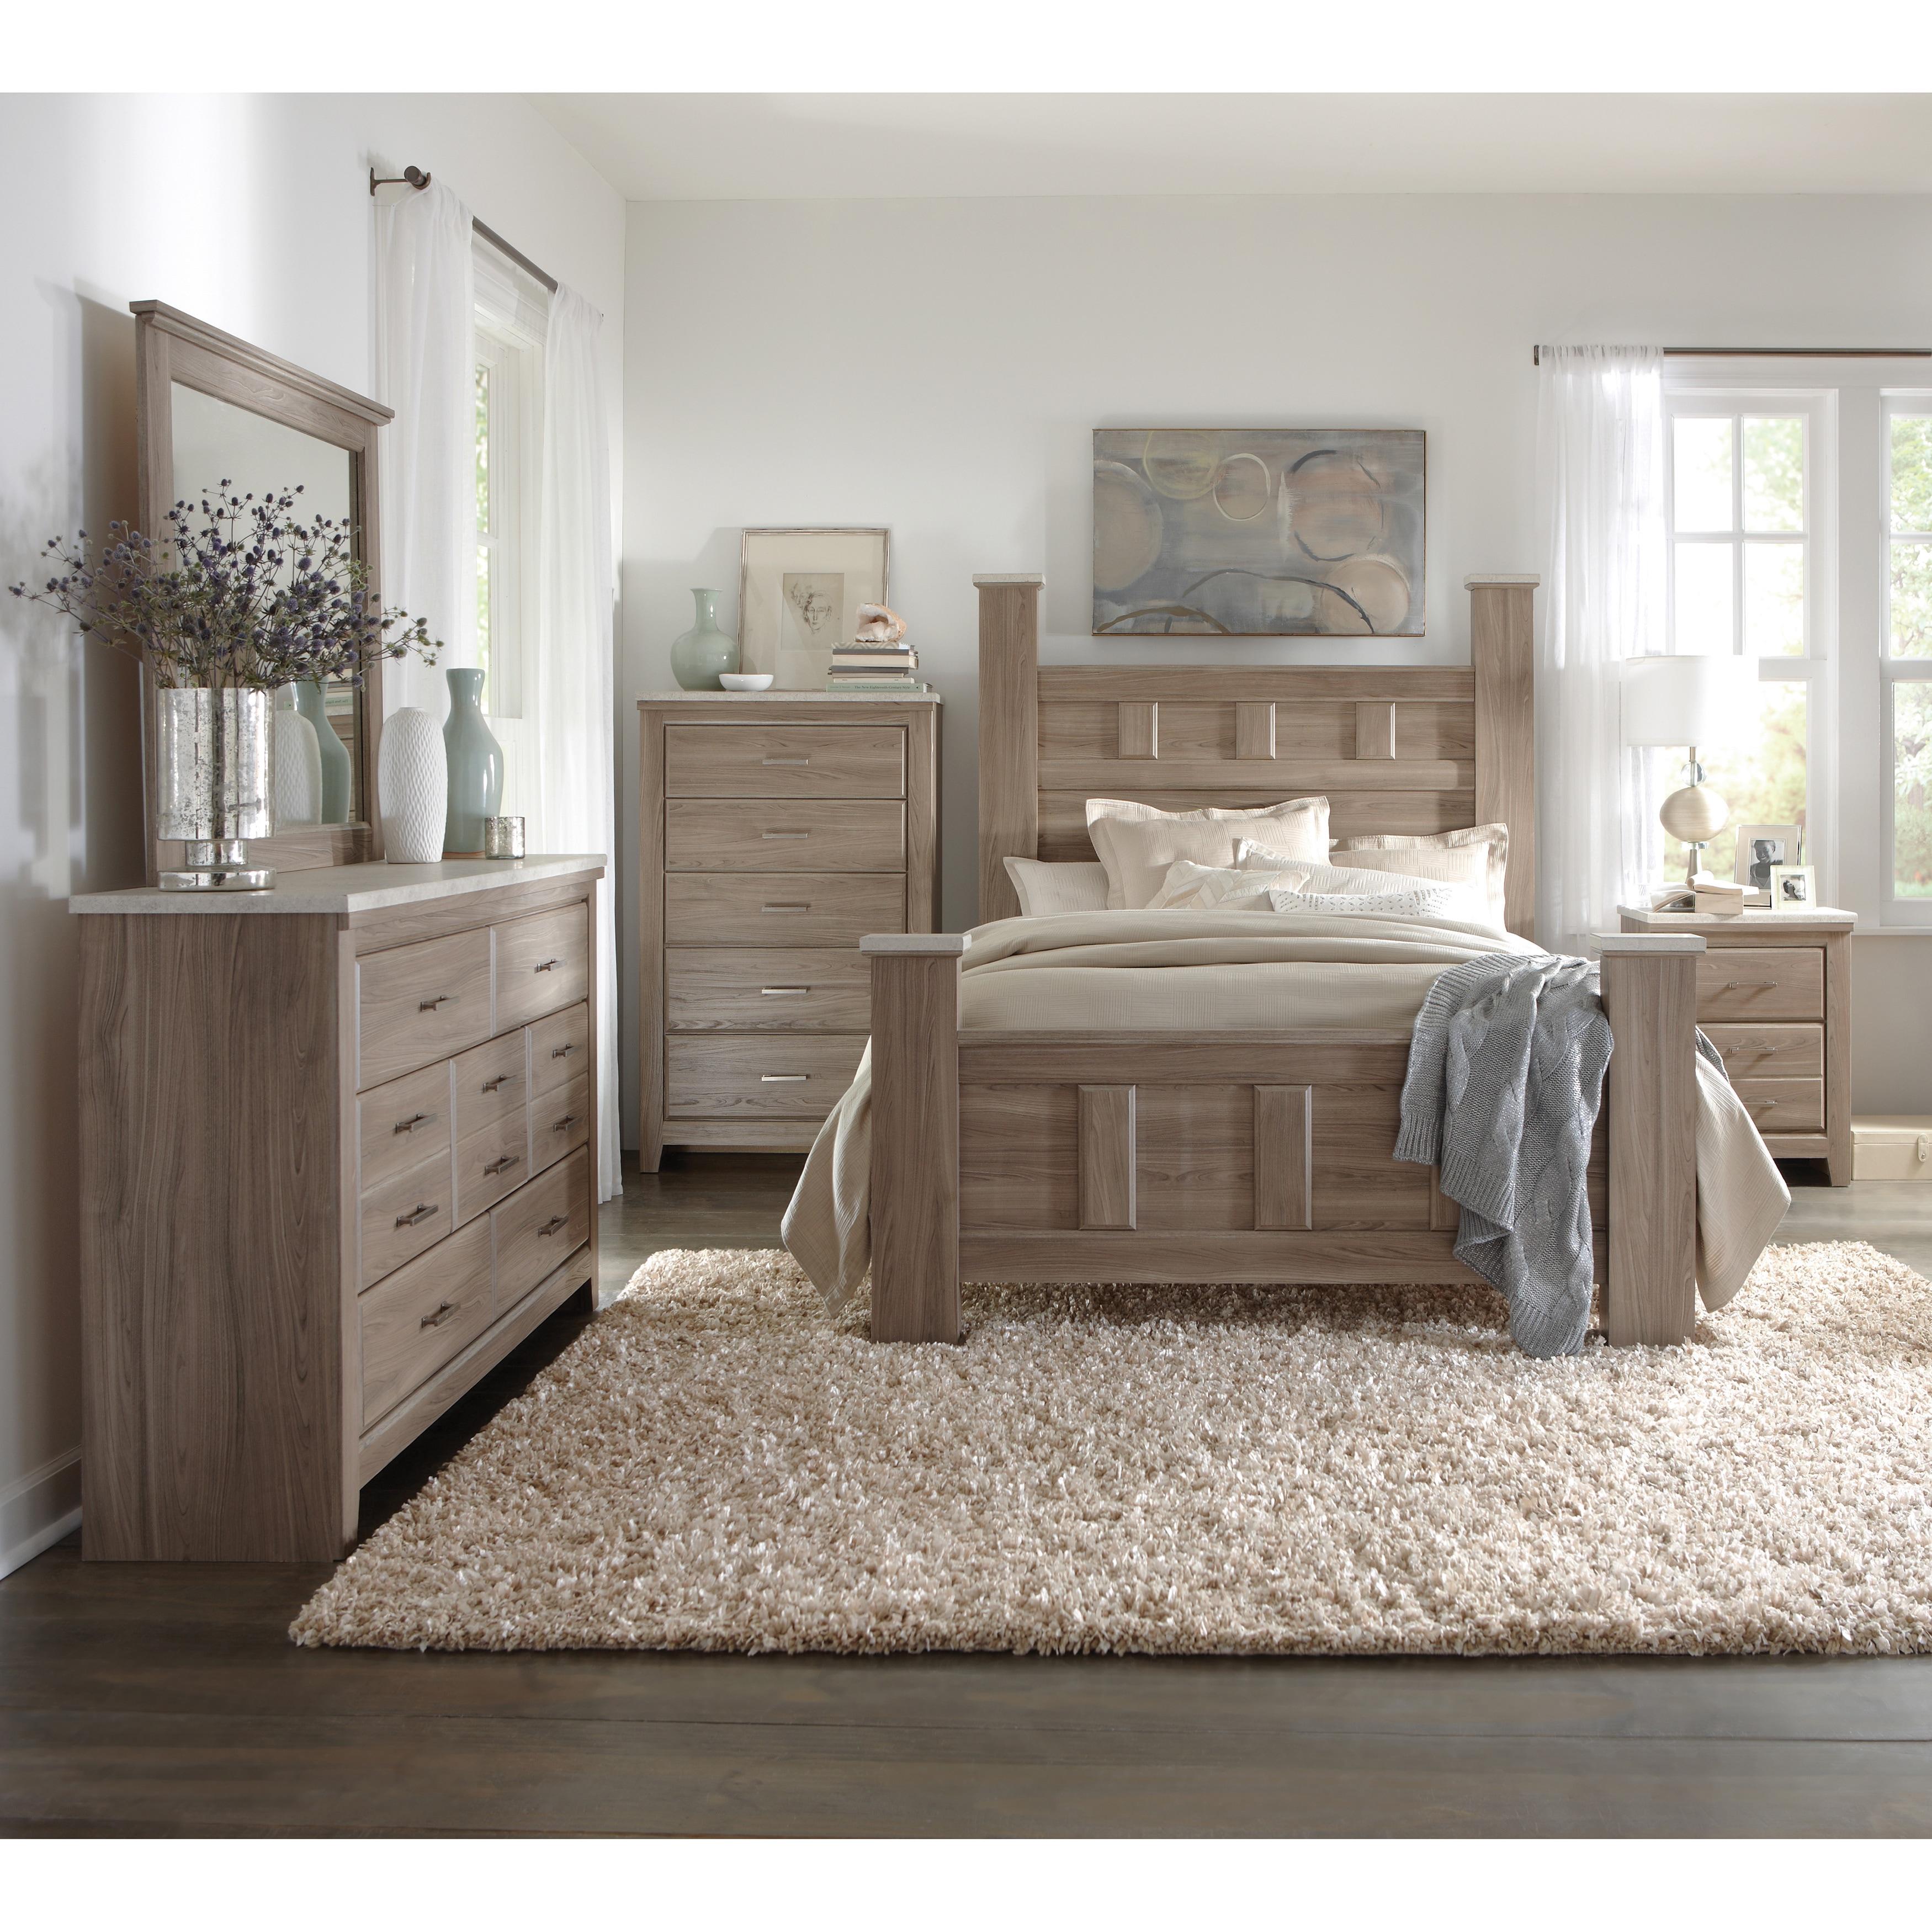 Bedroom Dressers Art Van: Art Van 6-piece King Bedroom Set